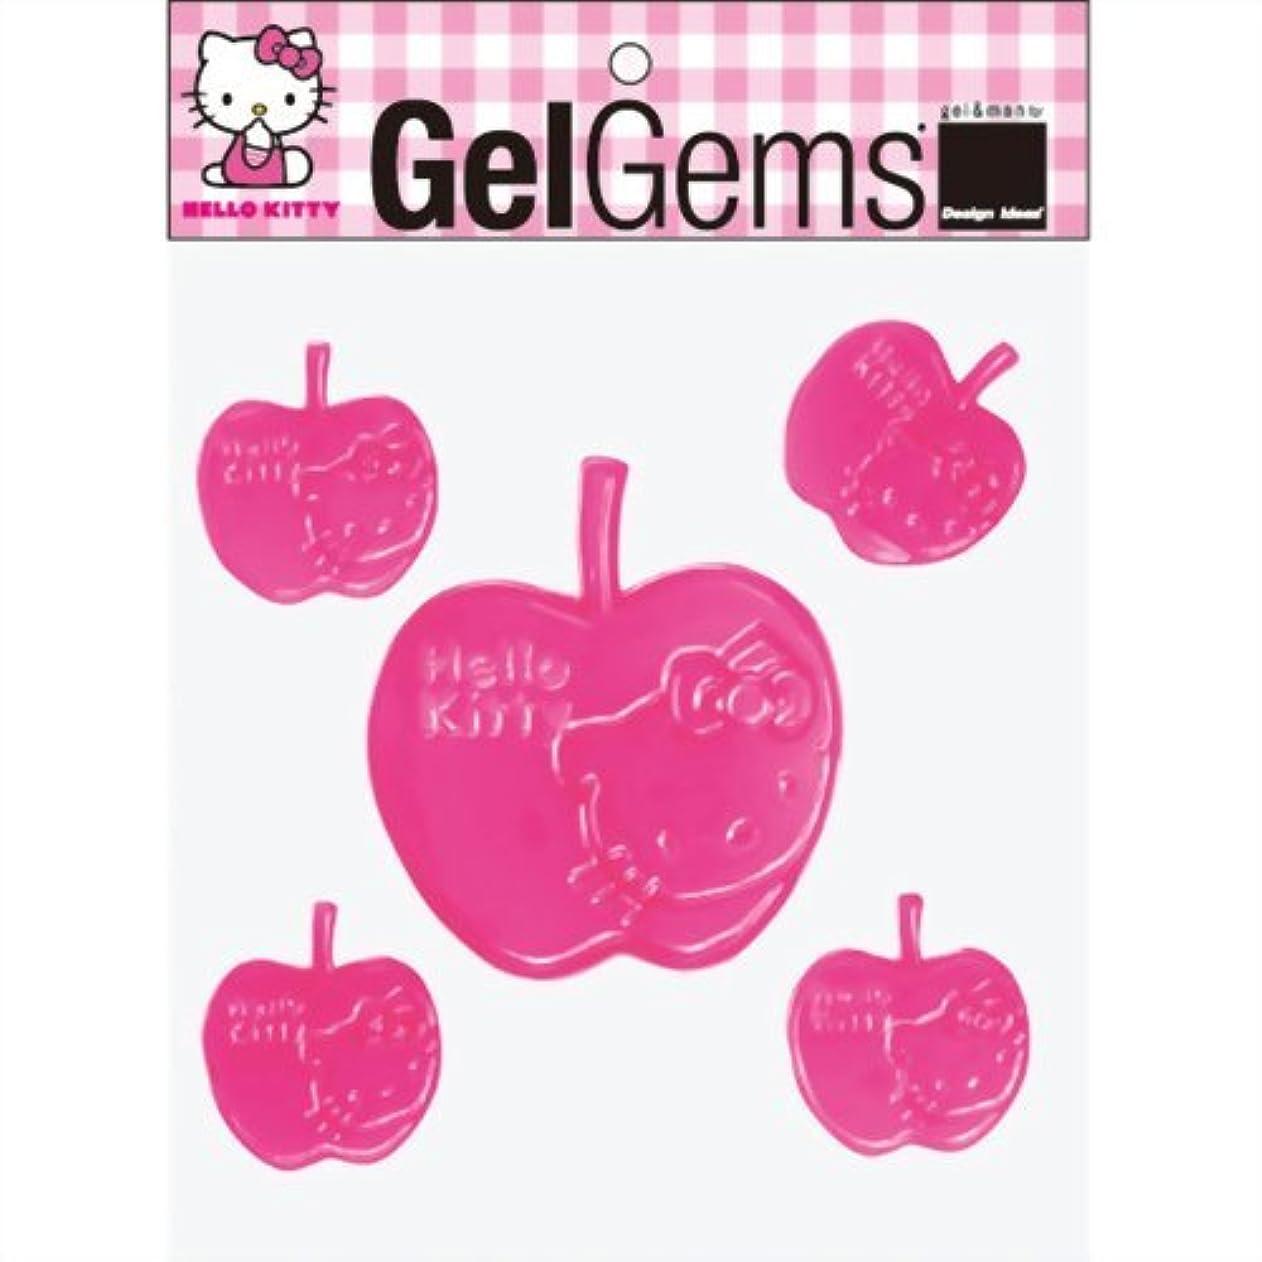 ヒロイン事実光景ジェルジェムハローキティバッグS 「 ピンクリンゴ 」 E1200002